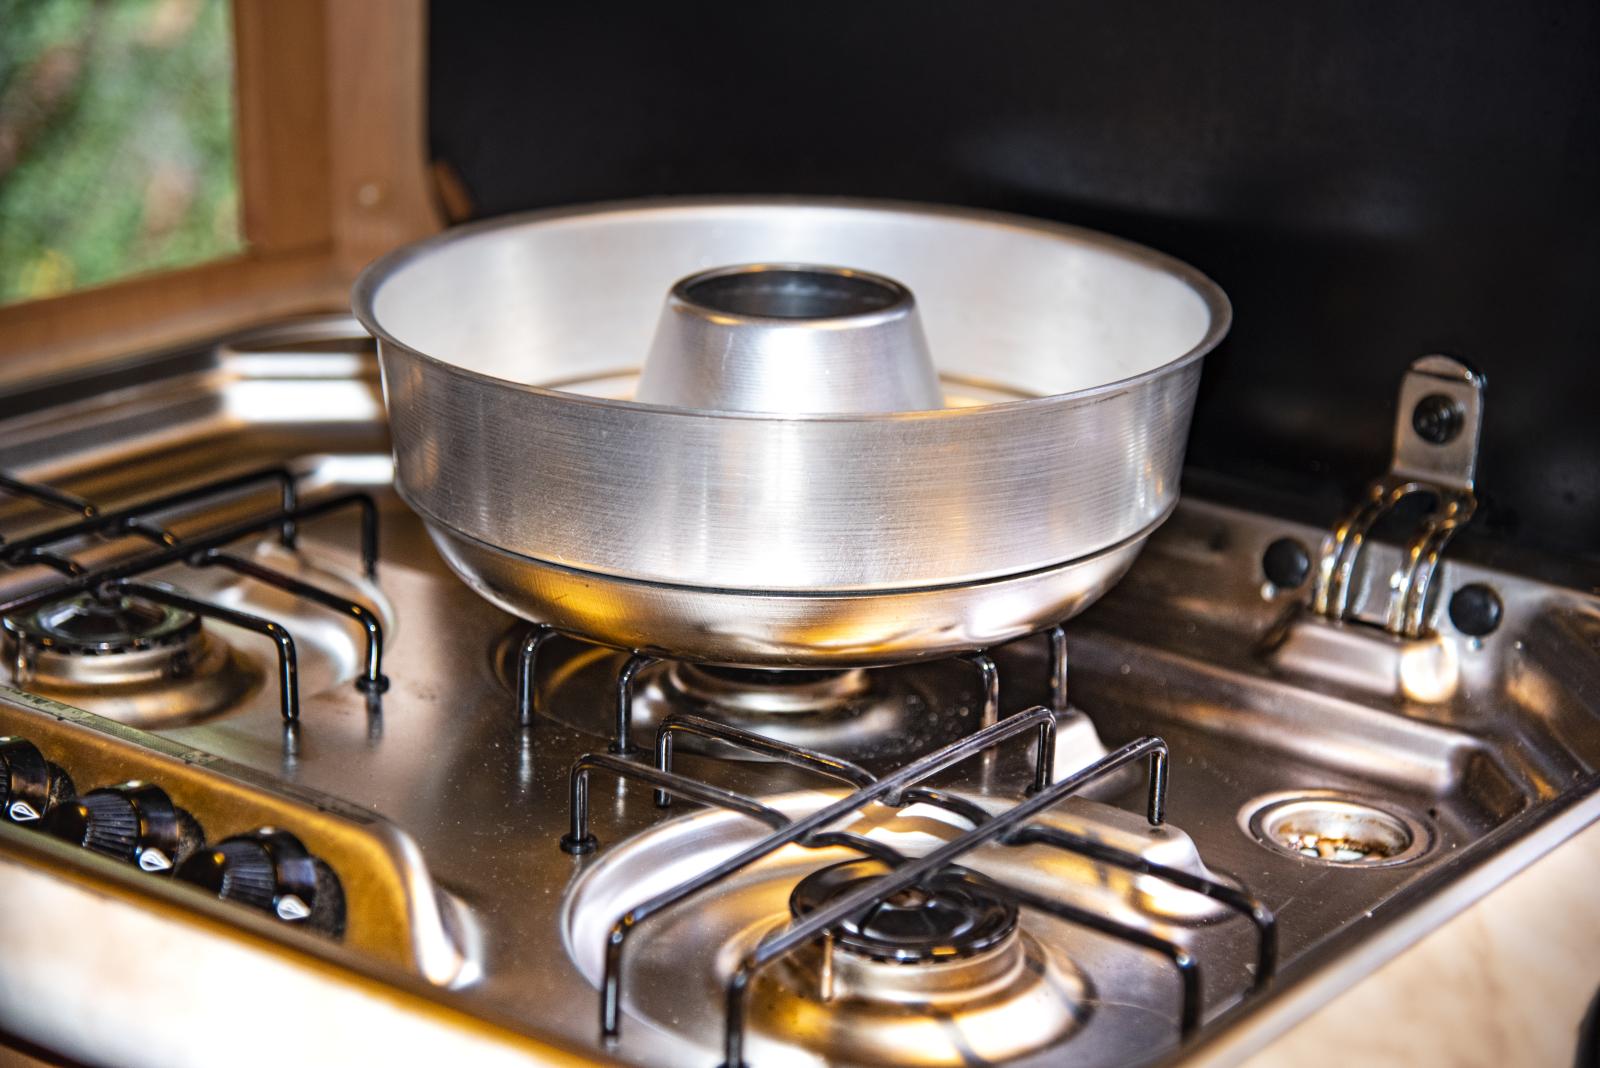 Die Backform ähnelt einer runden Kuchenform. In ihr lassen sich auch Brote backen oder Aufläufe zaubern.